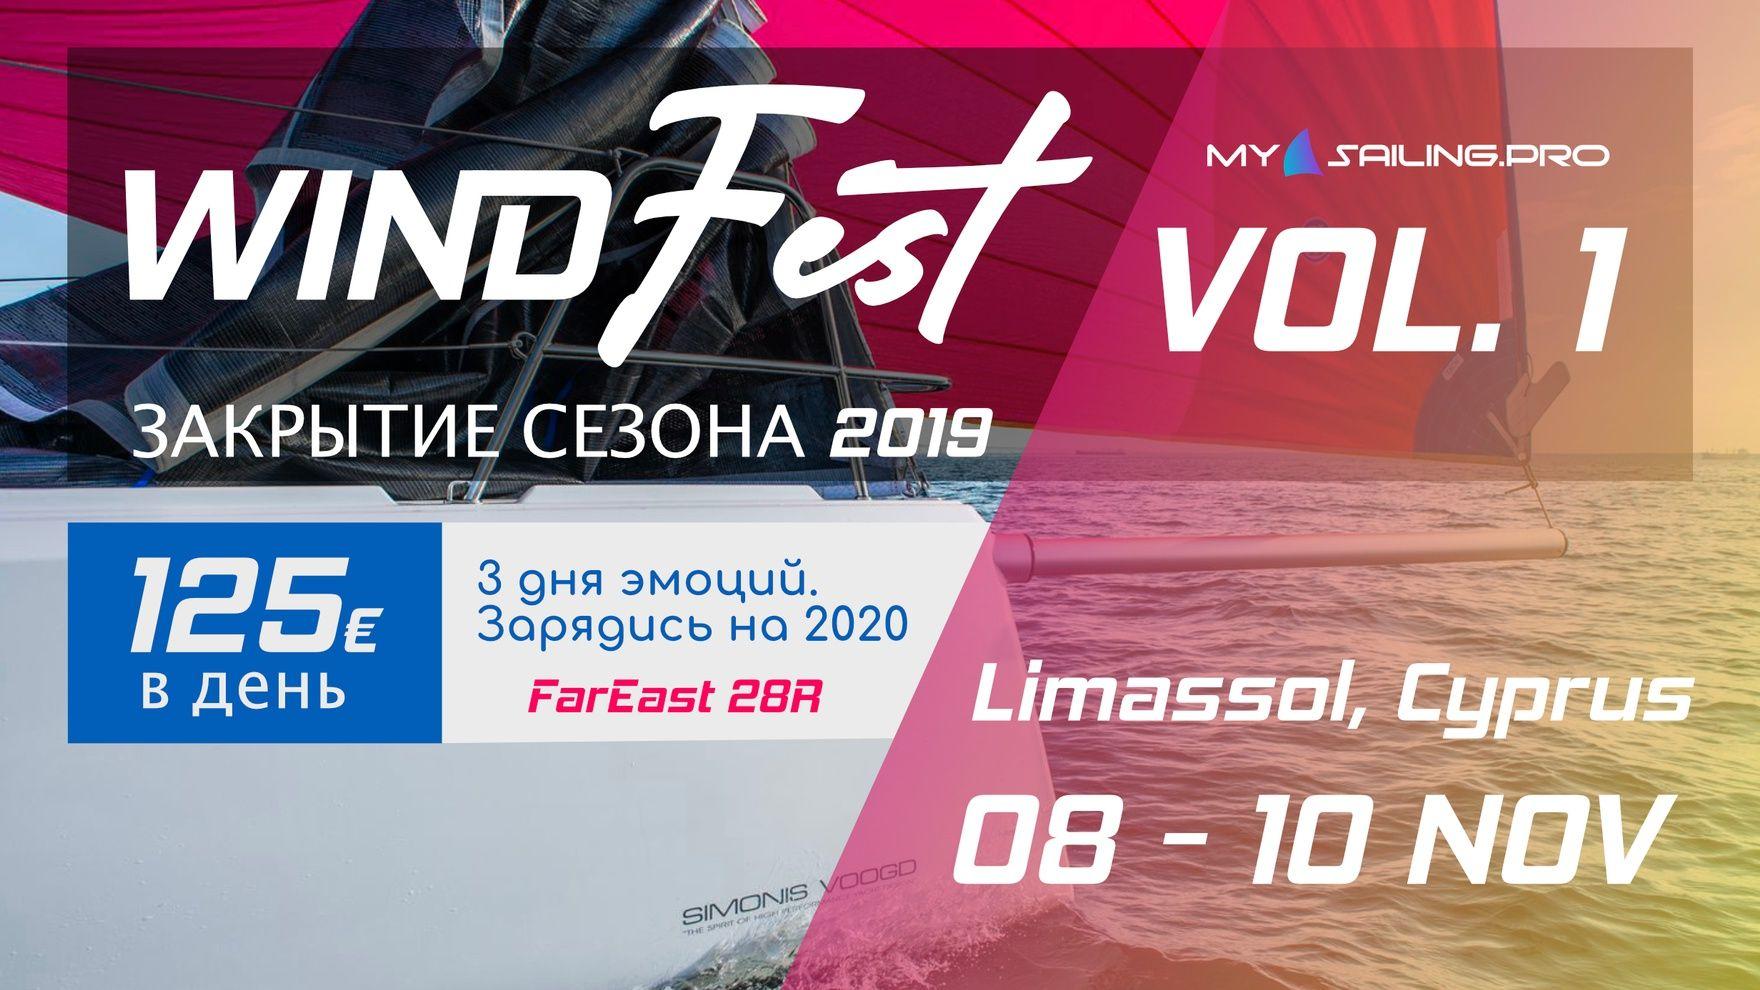 WindFest Кипр — Закрытие парусного сезона 2019